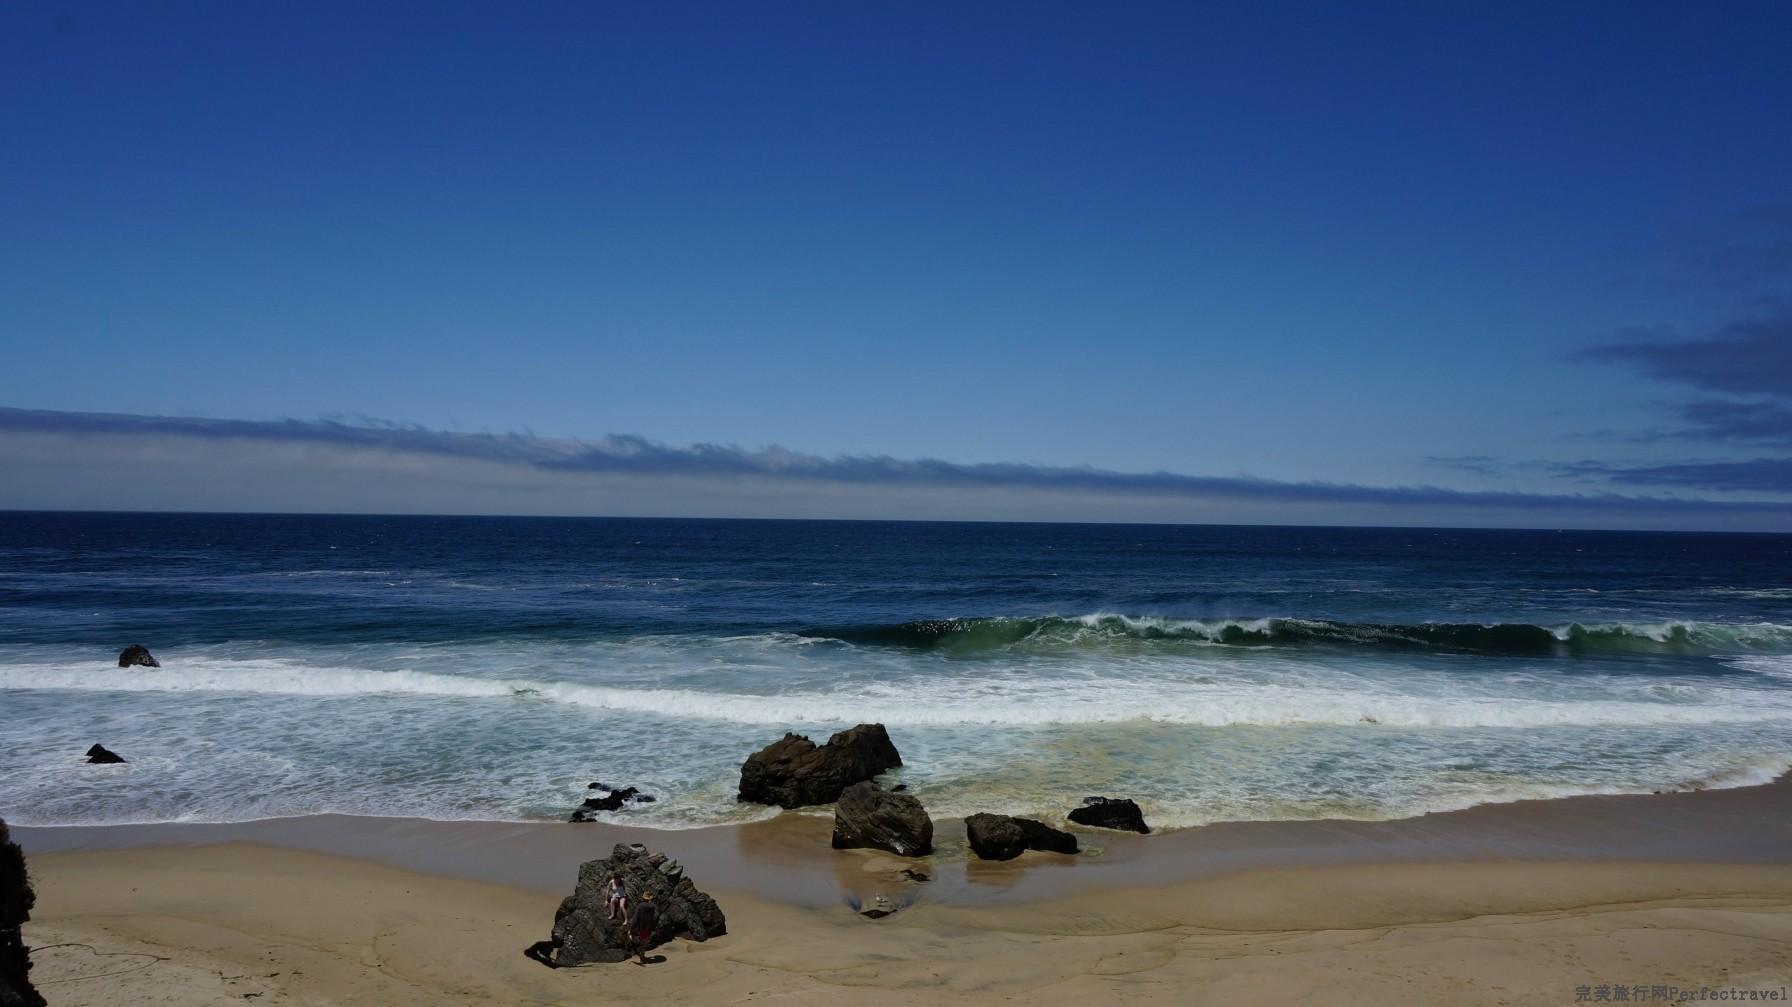 美西IHG自由行(四)--Big Sur - 完美旅行Perfectravel - 完美旅行Perfectravel的博客